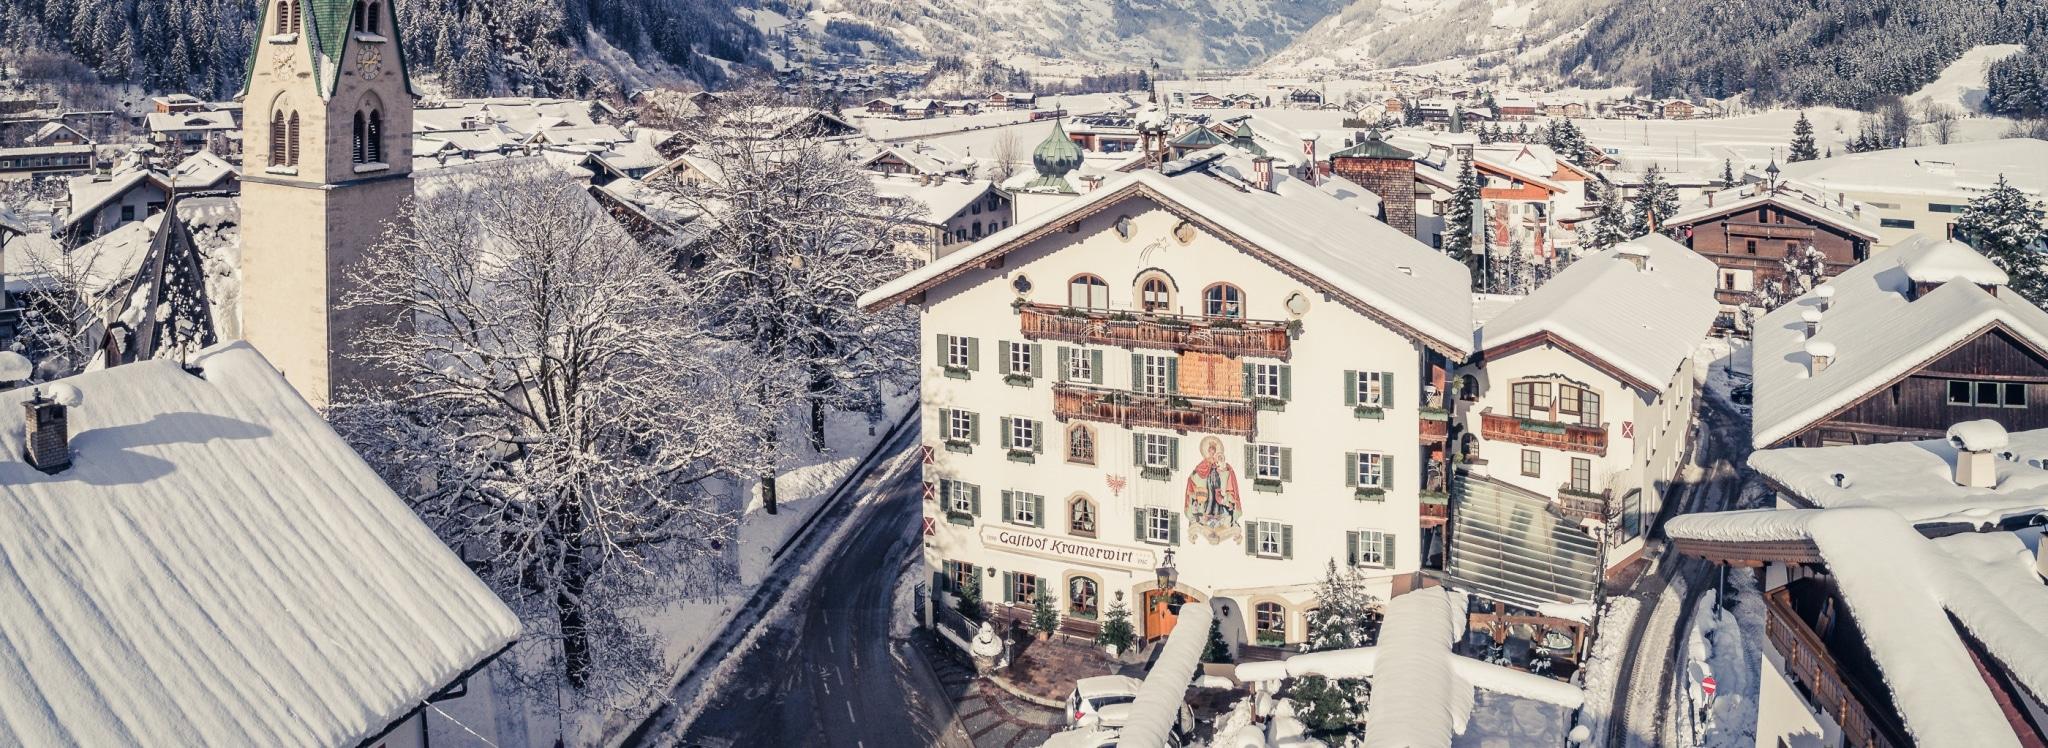 Kramerwirt in Mayrhofen im Winter